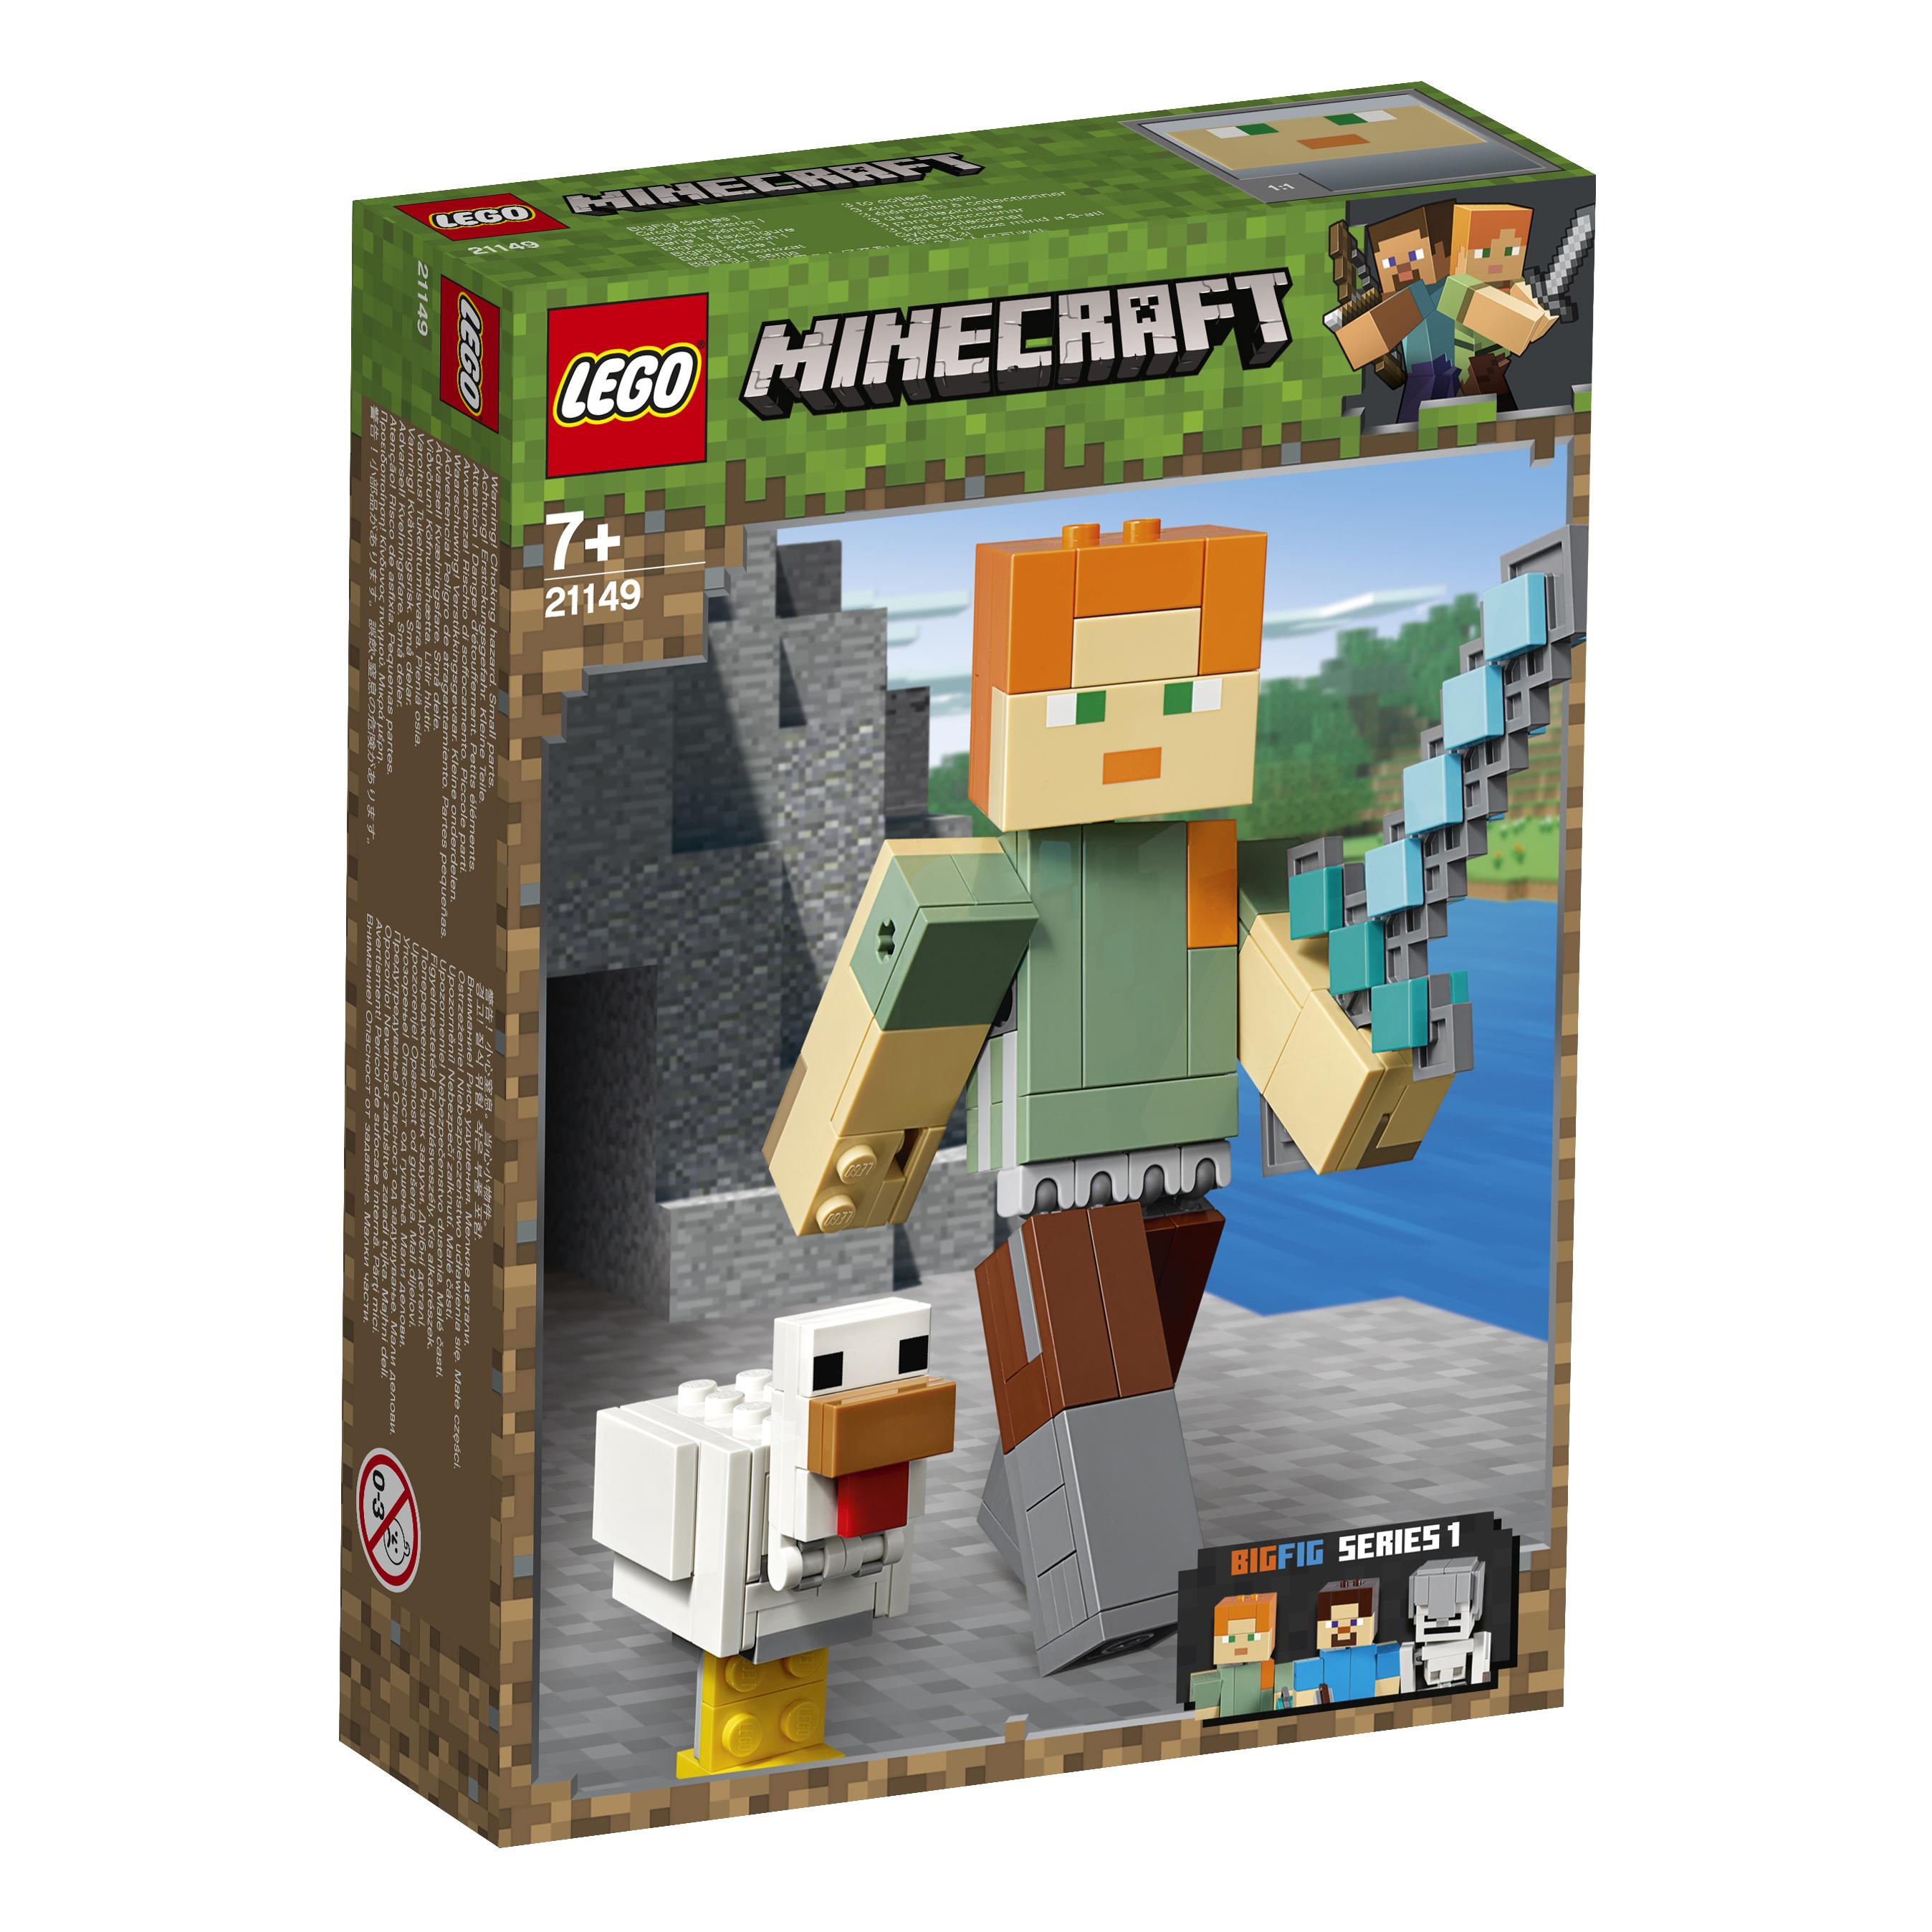 Фото - Конструктор L LEGO Minecraft 21149 Большие фигурки Minecraft, Алекс с цыплёнком minecraft фигурка minecraft steve with